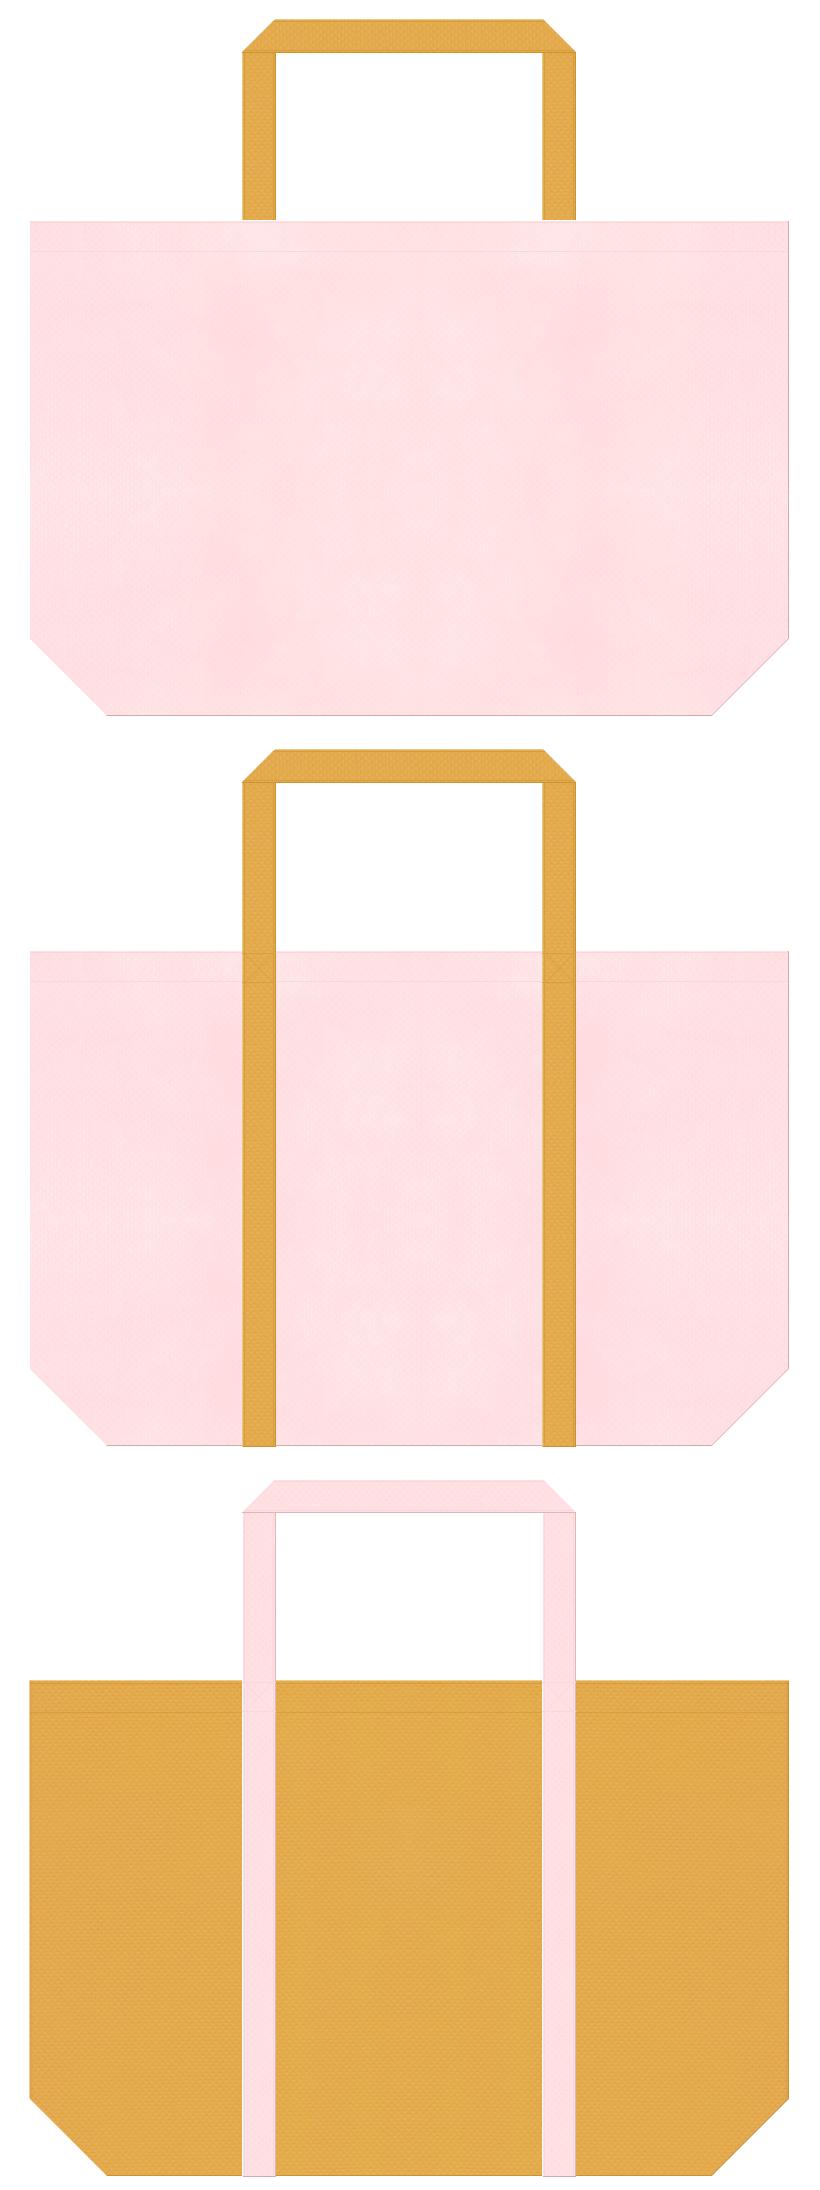 ペットショップ・ペットサロン・ペット用品・ペットフード・アニマルケア・絵本・おとぎ話・キャンディー・お菓子の家・ワンダーランド・テーマパーク・プリンセス・ガーリーデザインにお奨めの不織布バッグデザイン:桜色と黄土色のコーデ